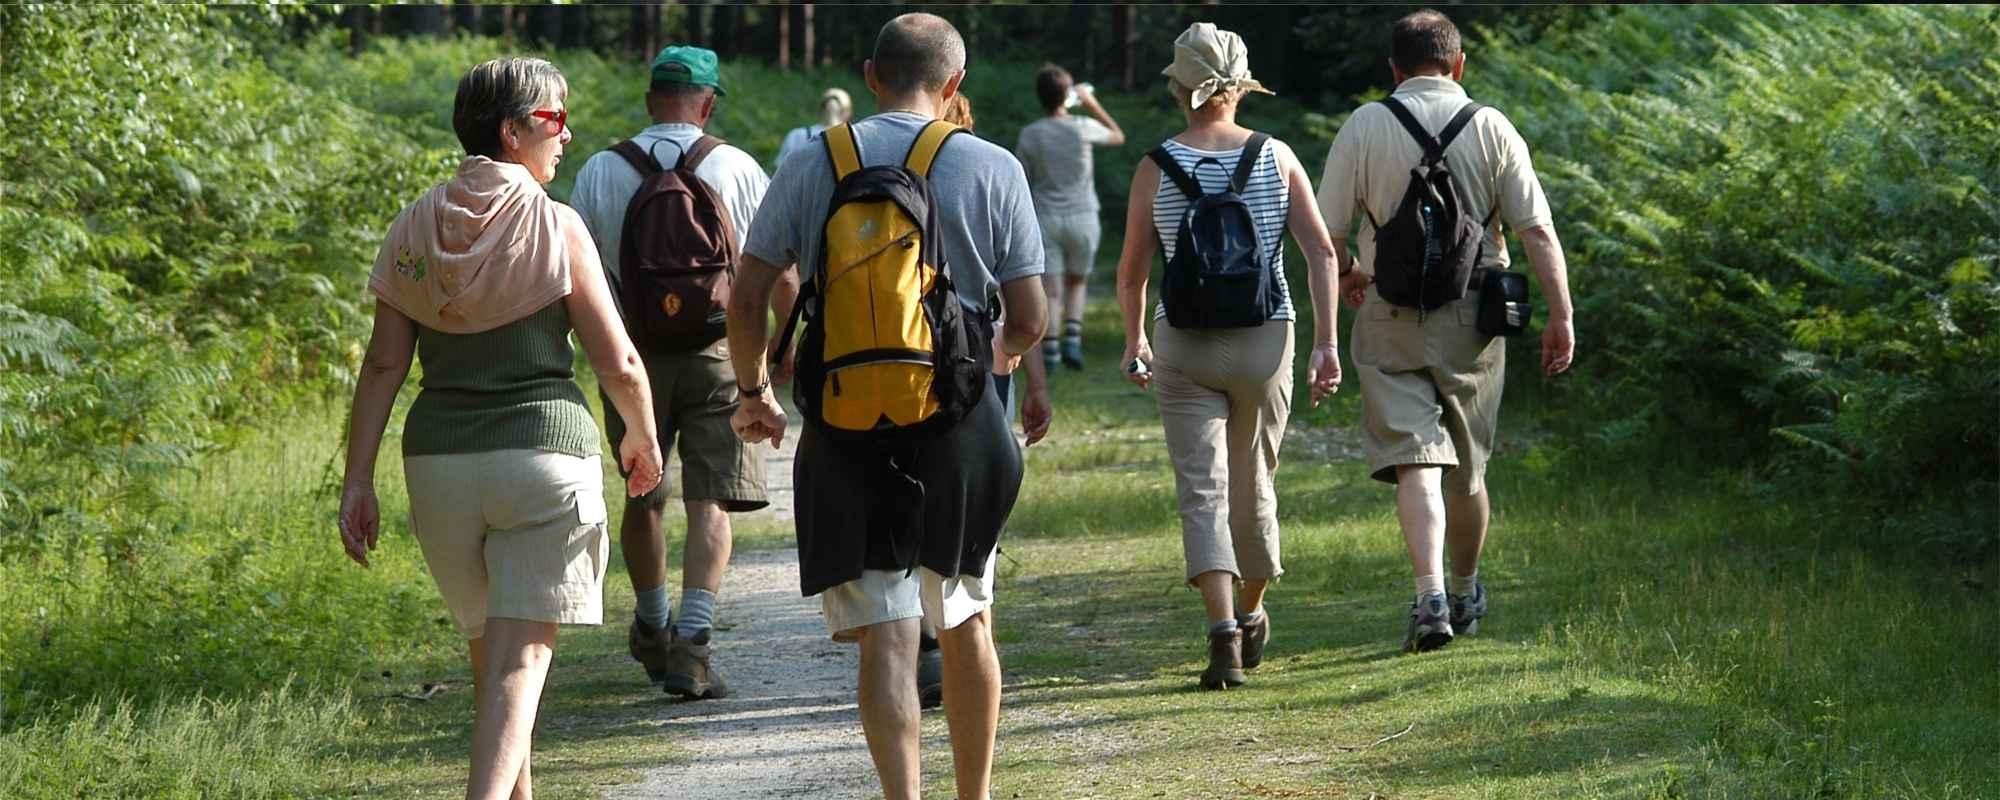 randonnée-pedestre bandeau